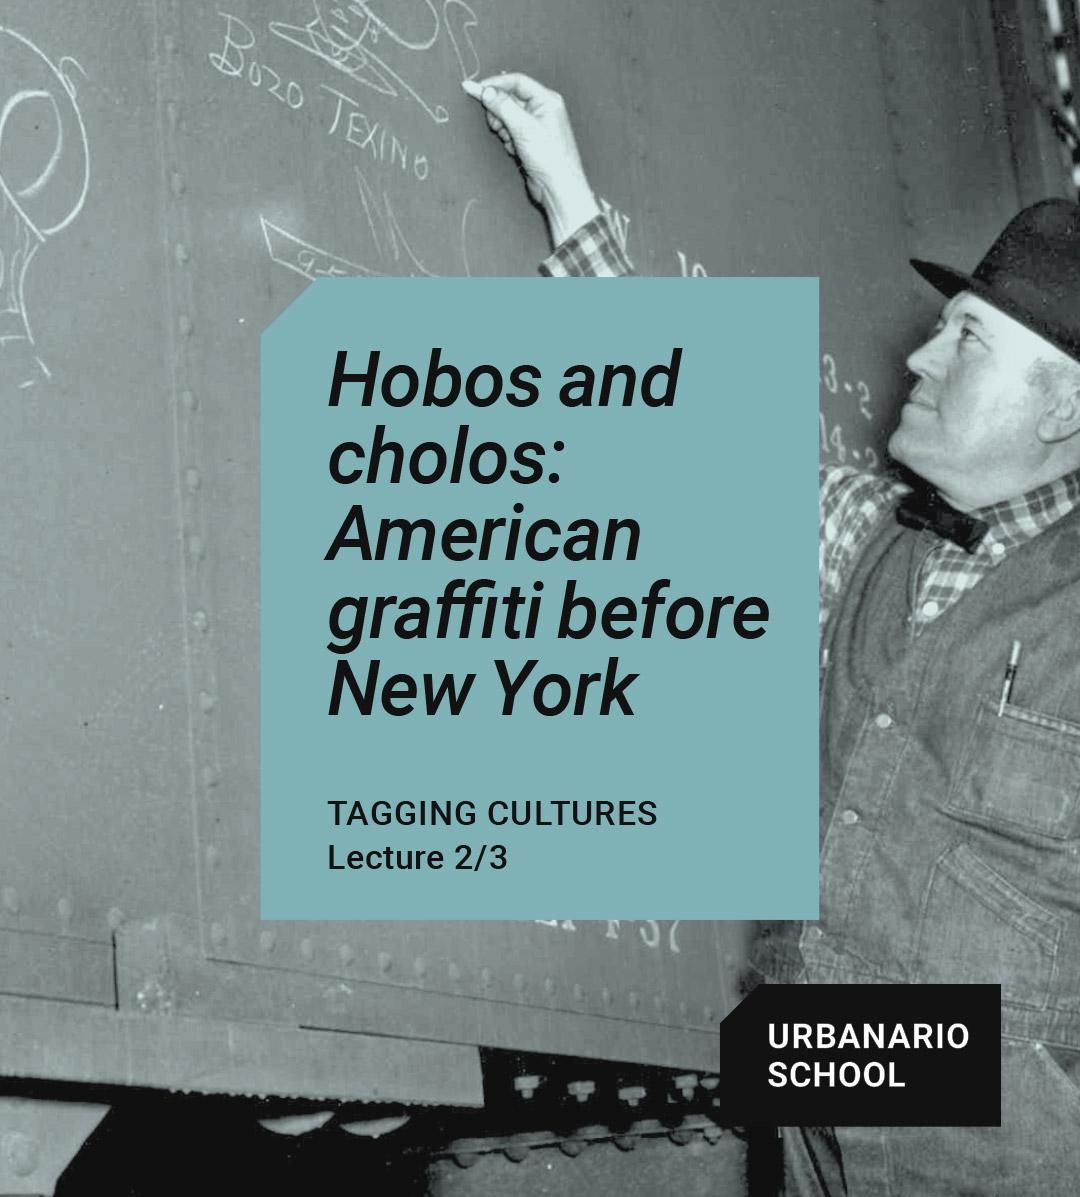 Hobos and cholos - Urbanario School